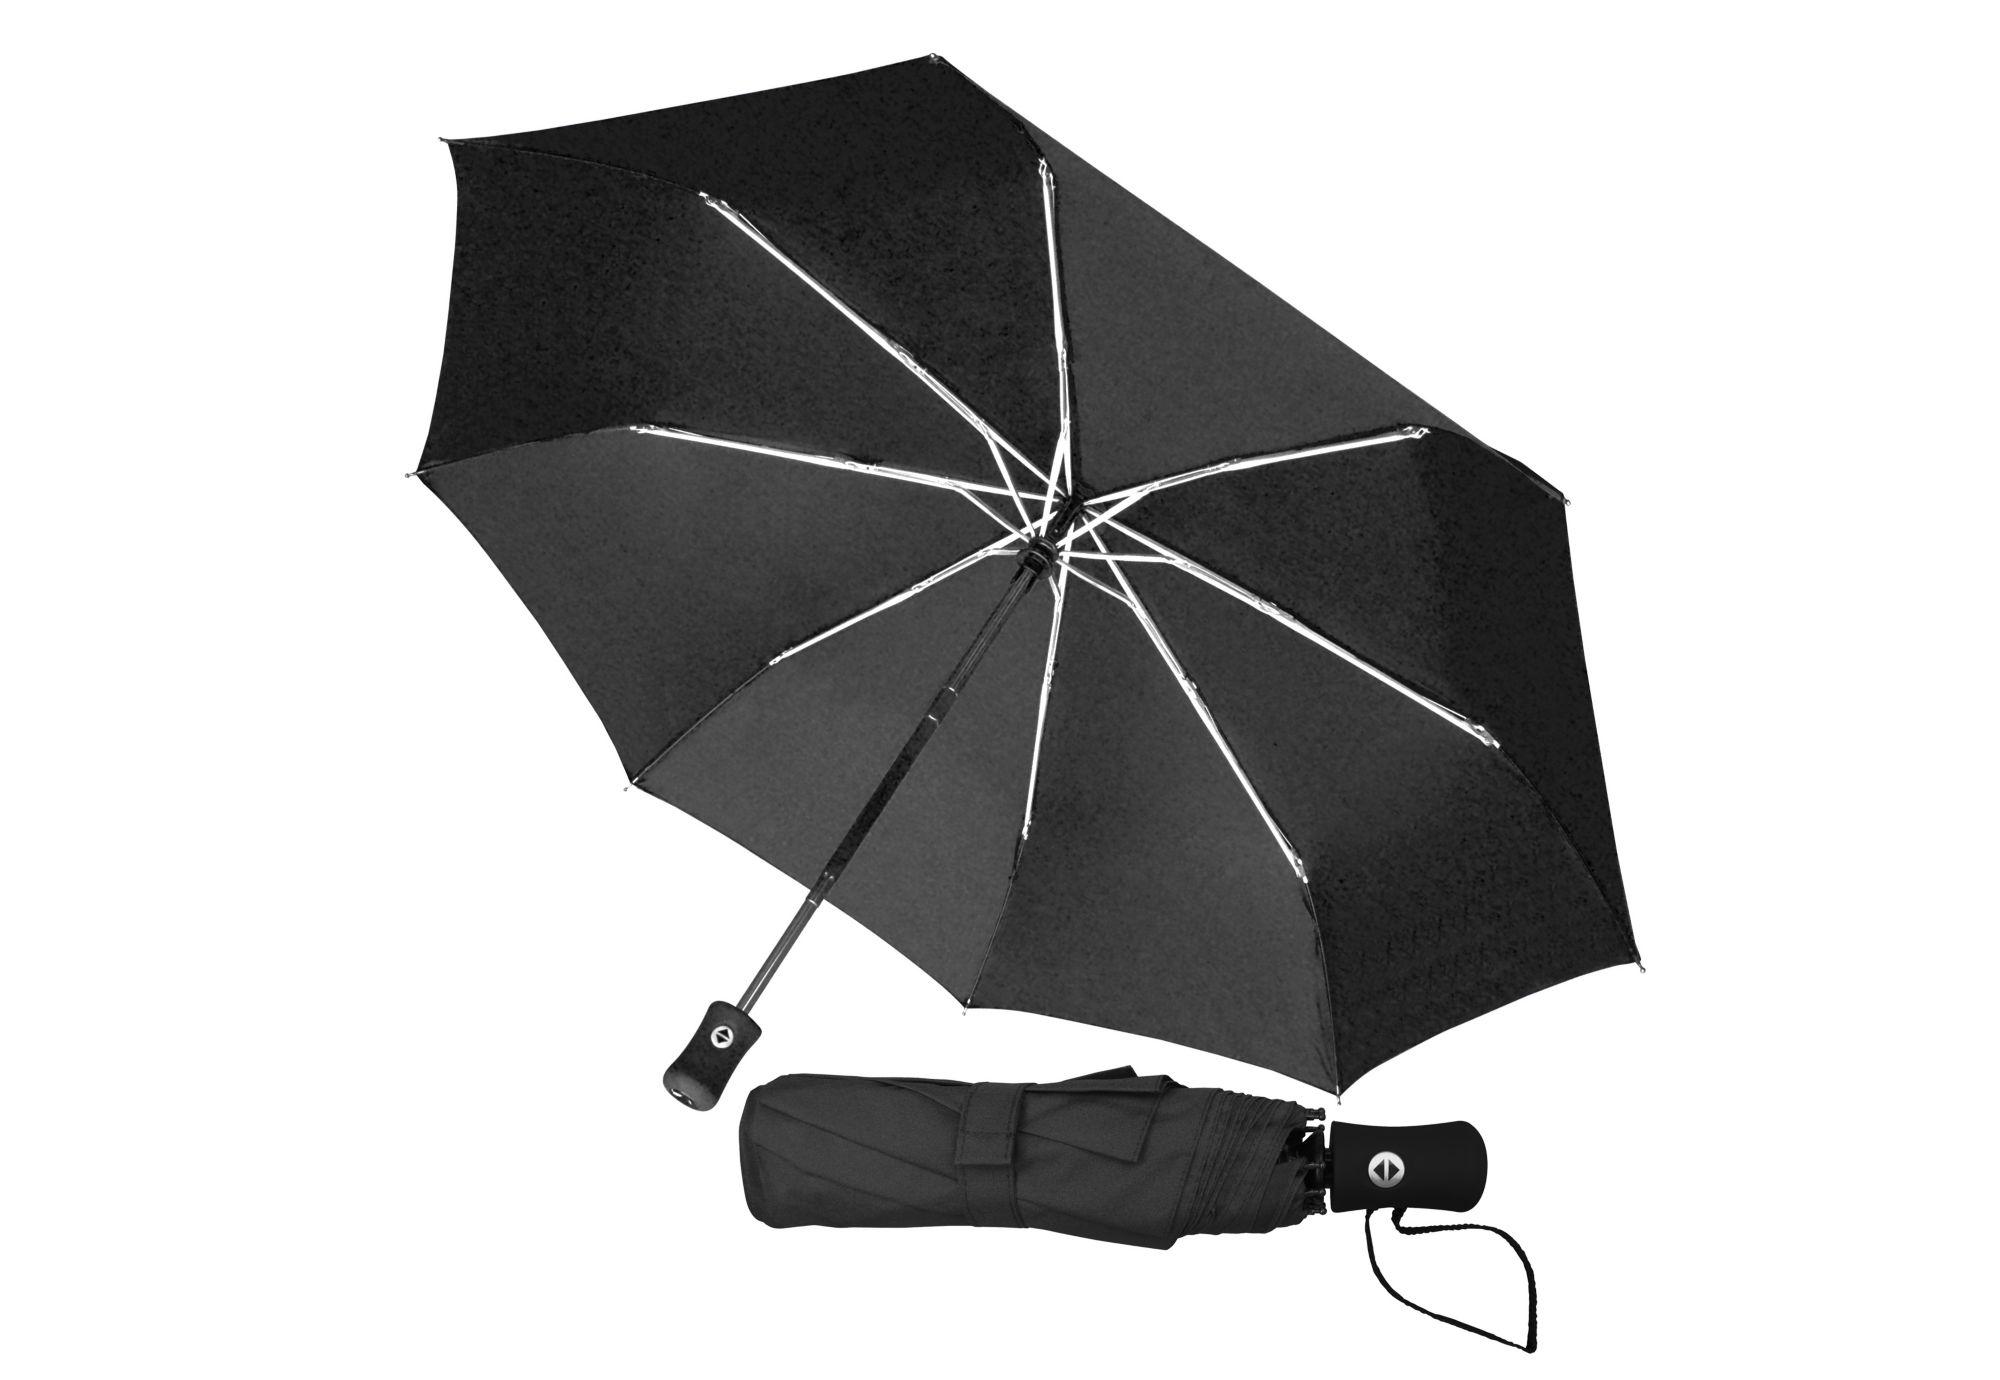 EUROSCHIRM® Euroschirm® Regenschirm für Damen und Herren, »Taschenschirm«